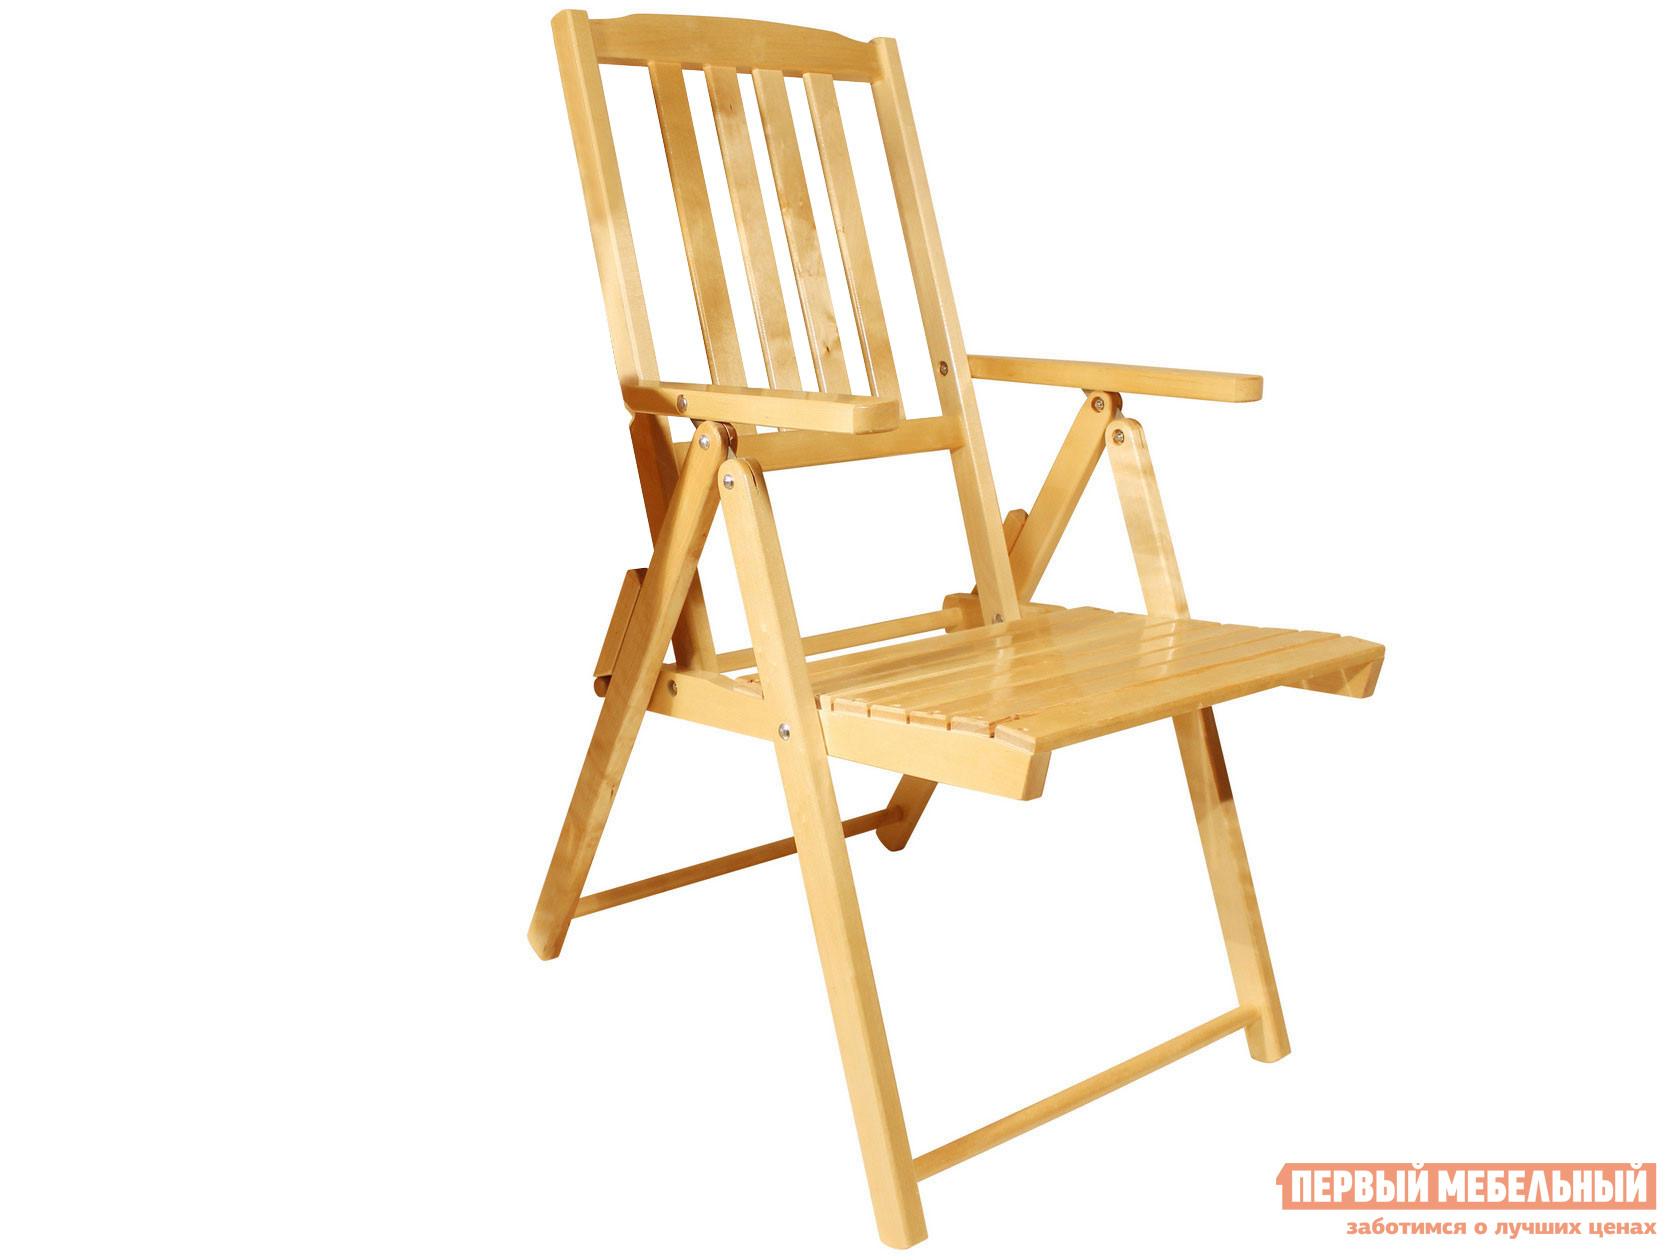 Складное садовое кресло Смолянка Комфорт СМ047Б / СМ047Бт кресло складное kingcamp цвет зеленый кс3852